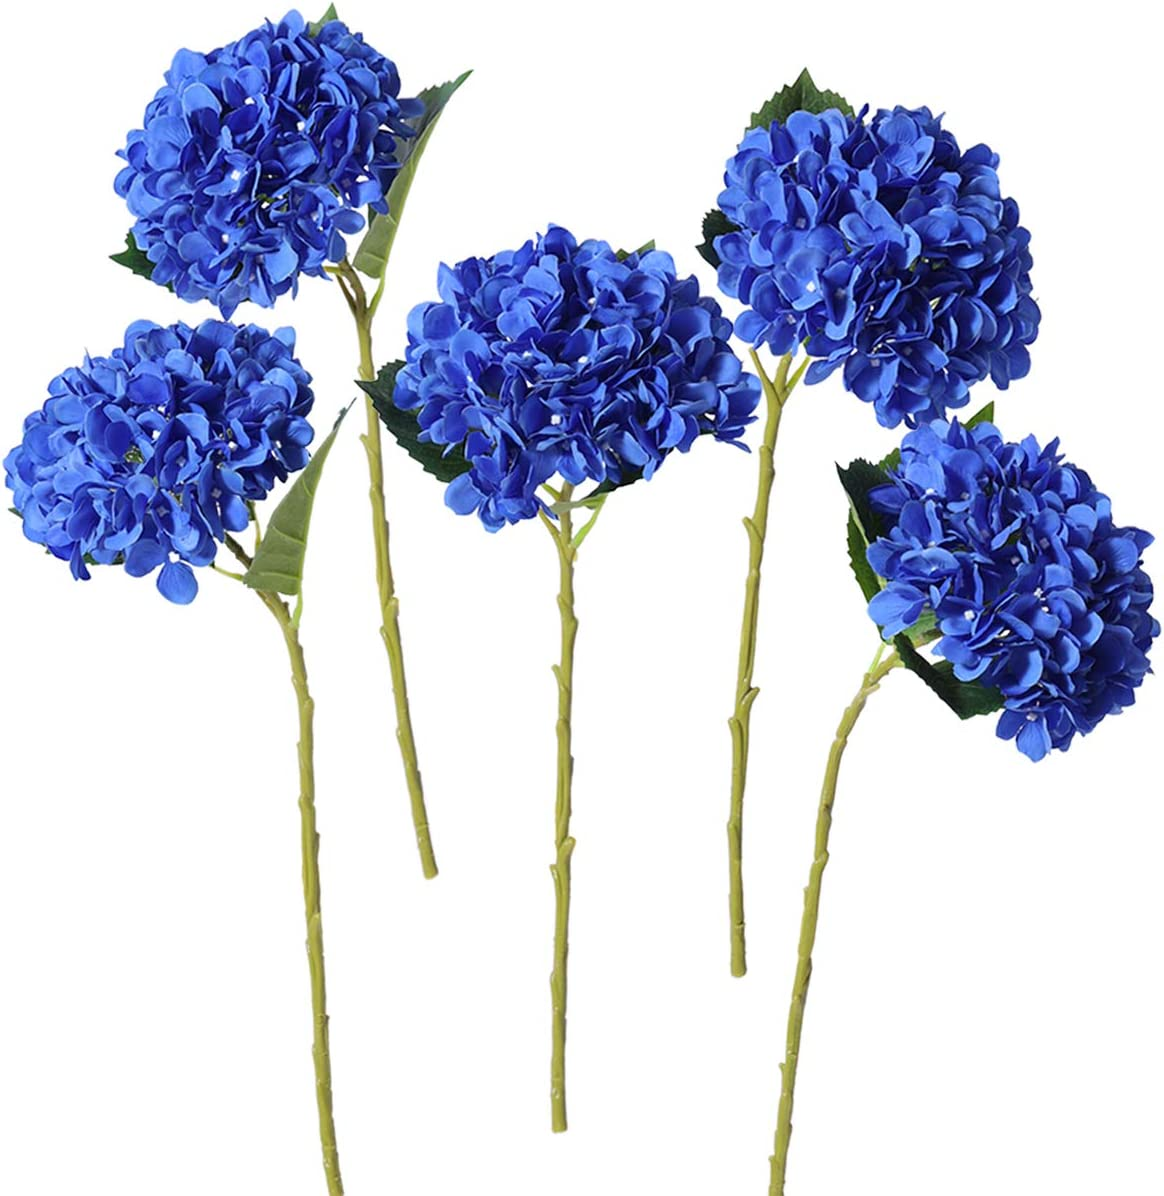 PARTY JOY 5PCS Artificial Hydrangea Silk Flowers Bouquet Faux Hydrangea Stems for Wedding Centerpieces Home Decor (Royal Blue, 5)